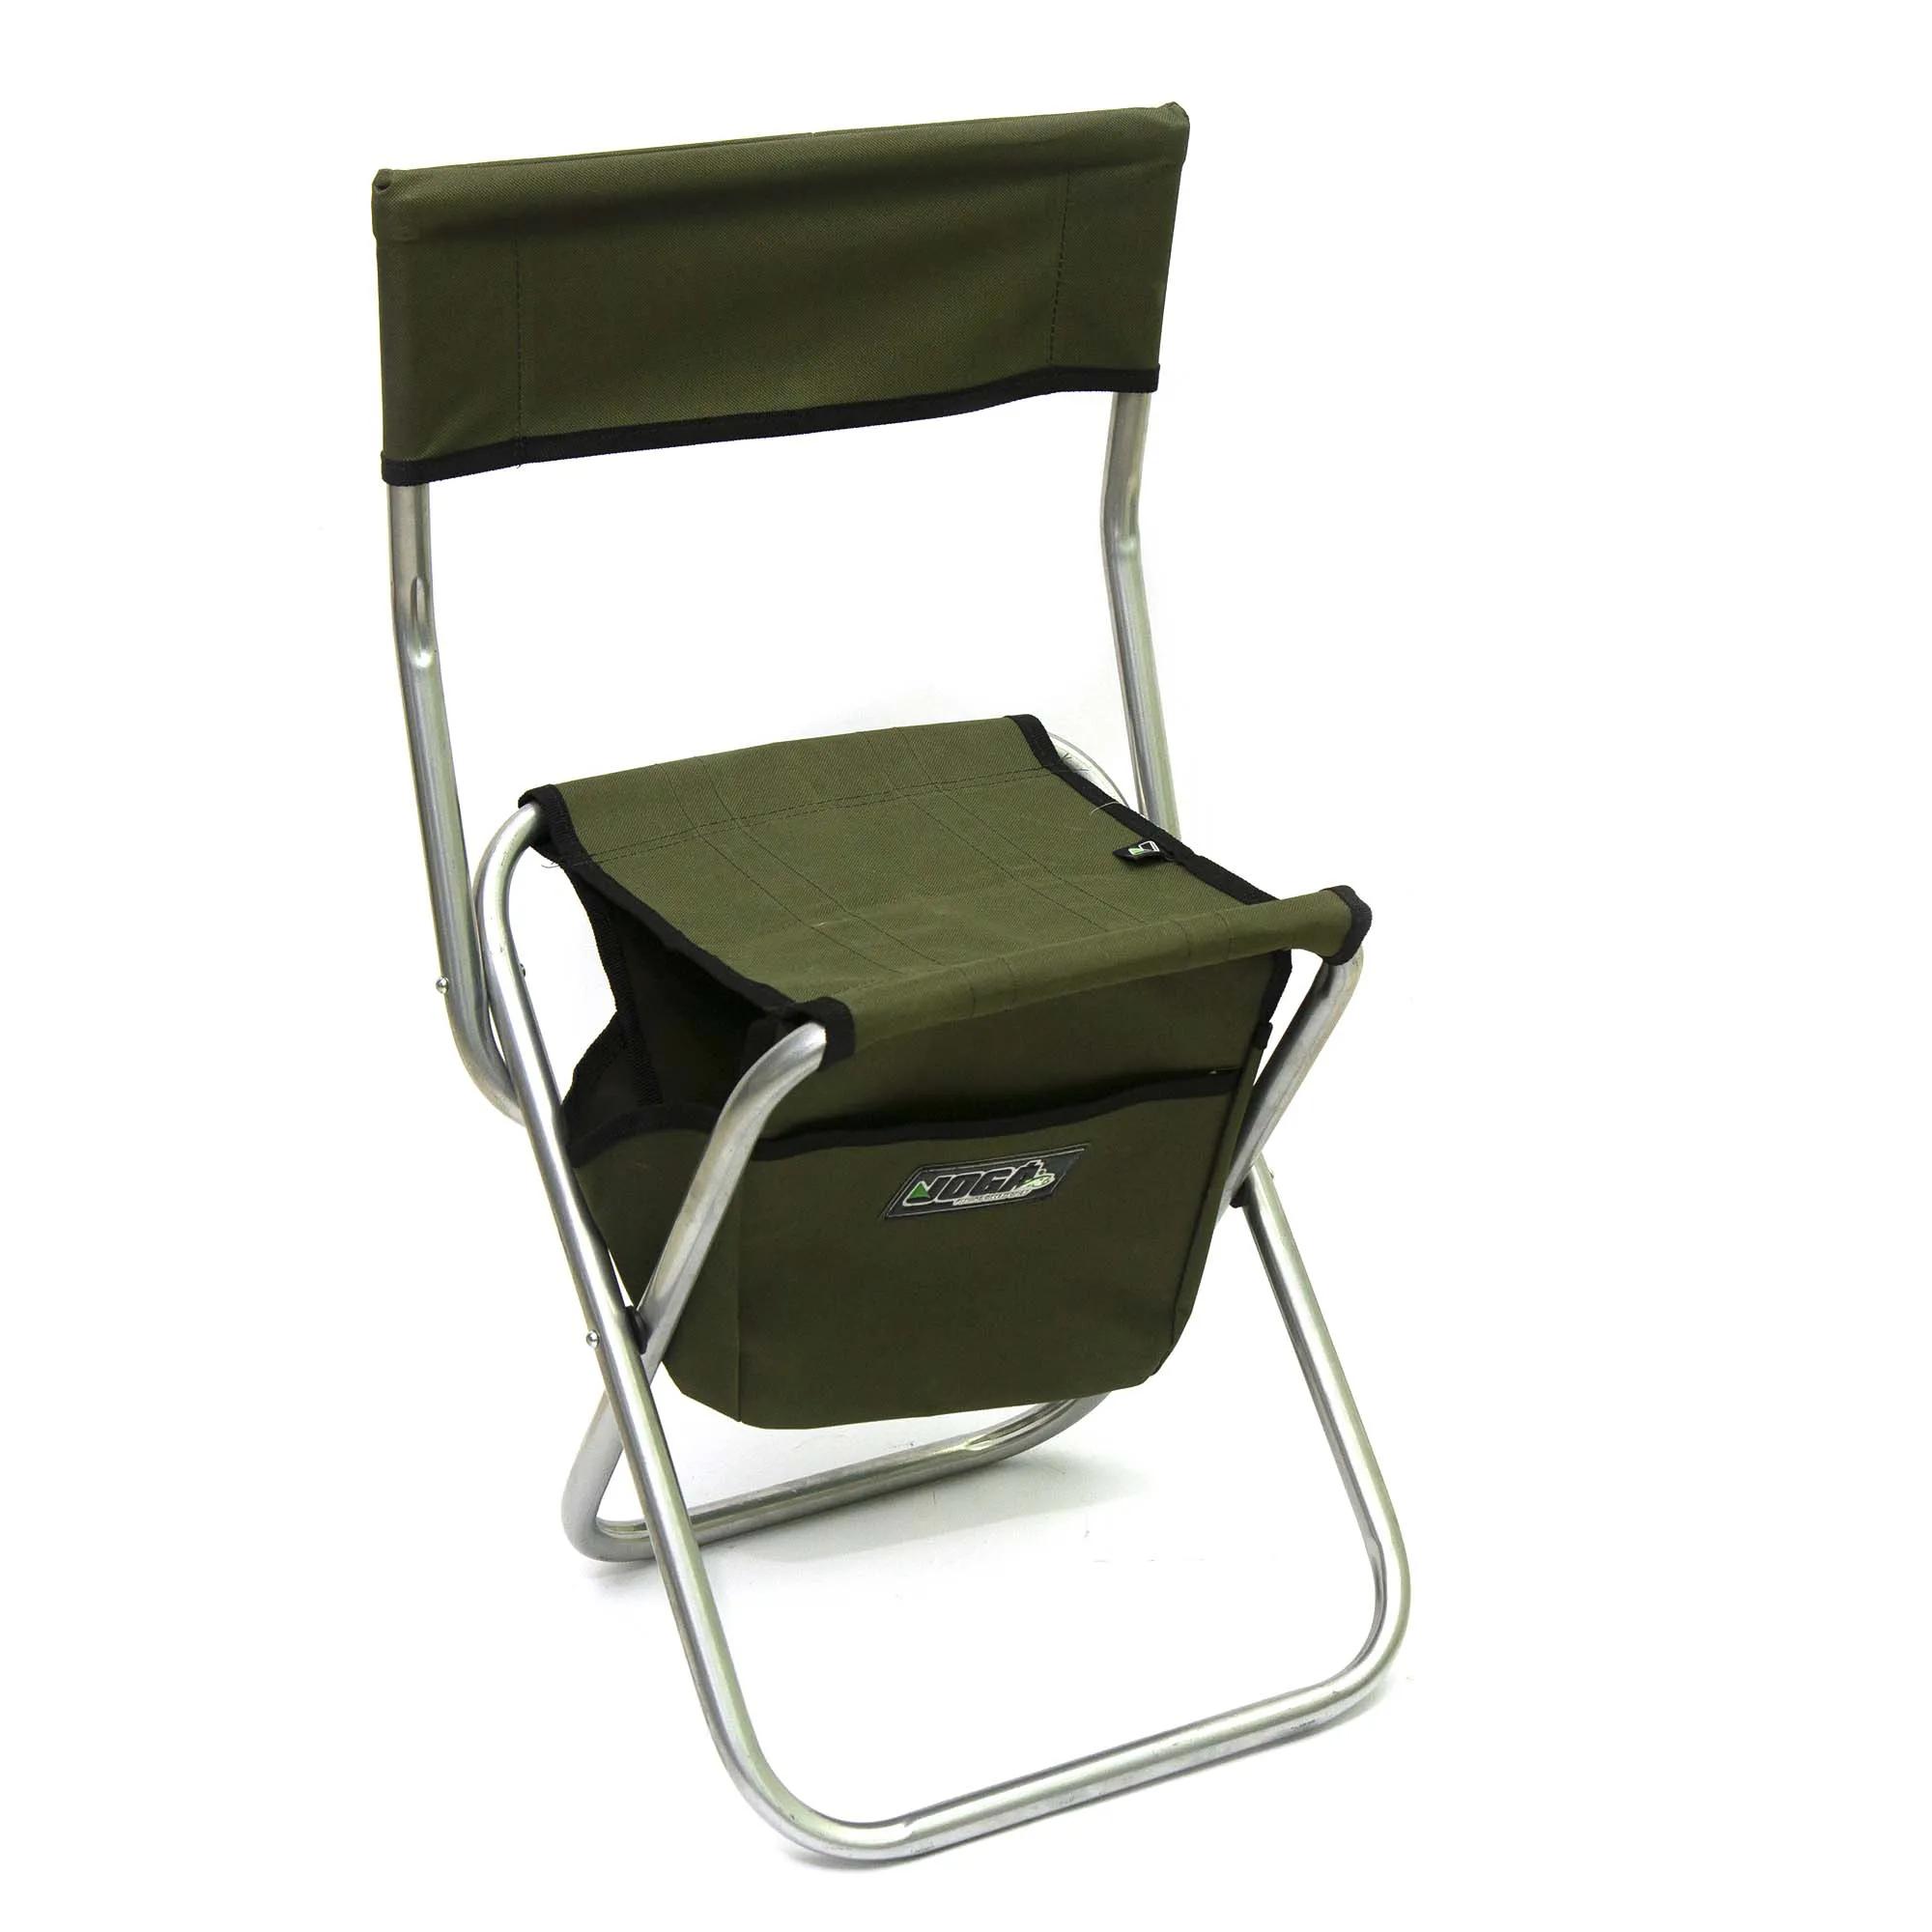 Cadeira dobrável com bolsa   - Artpesca